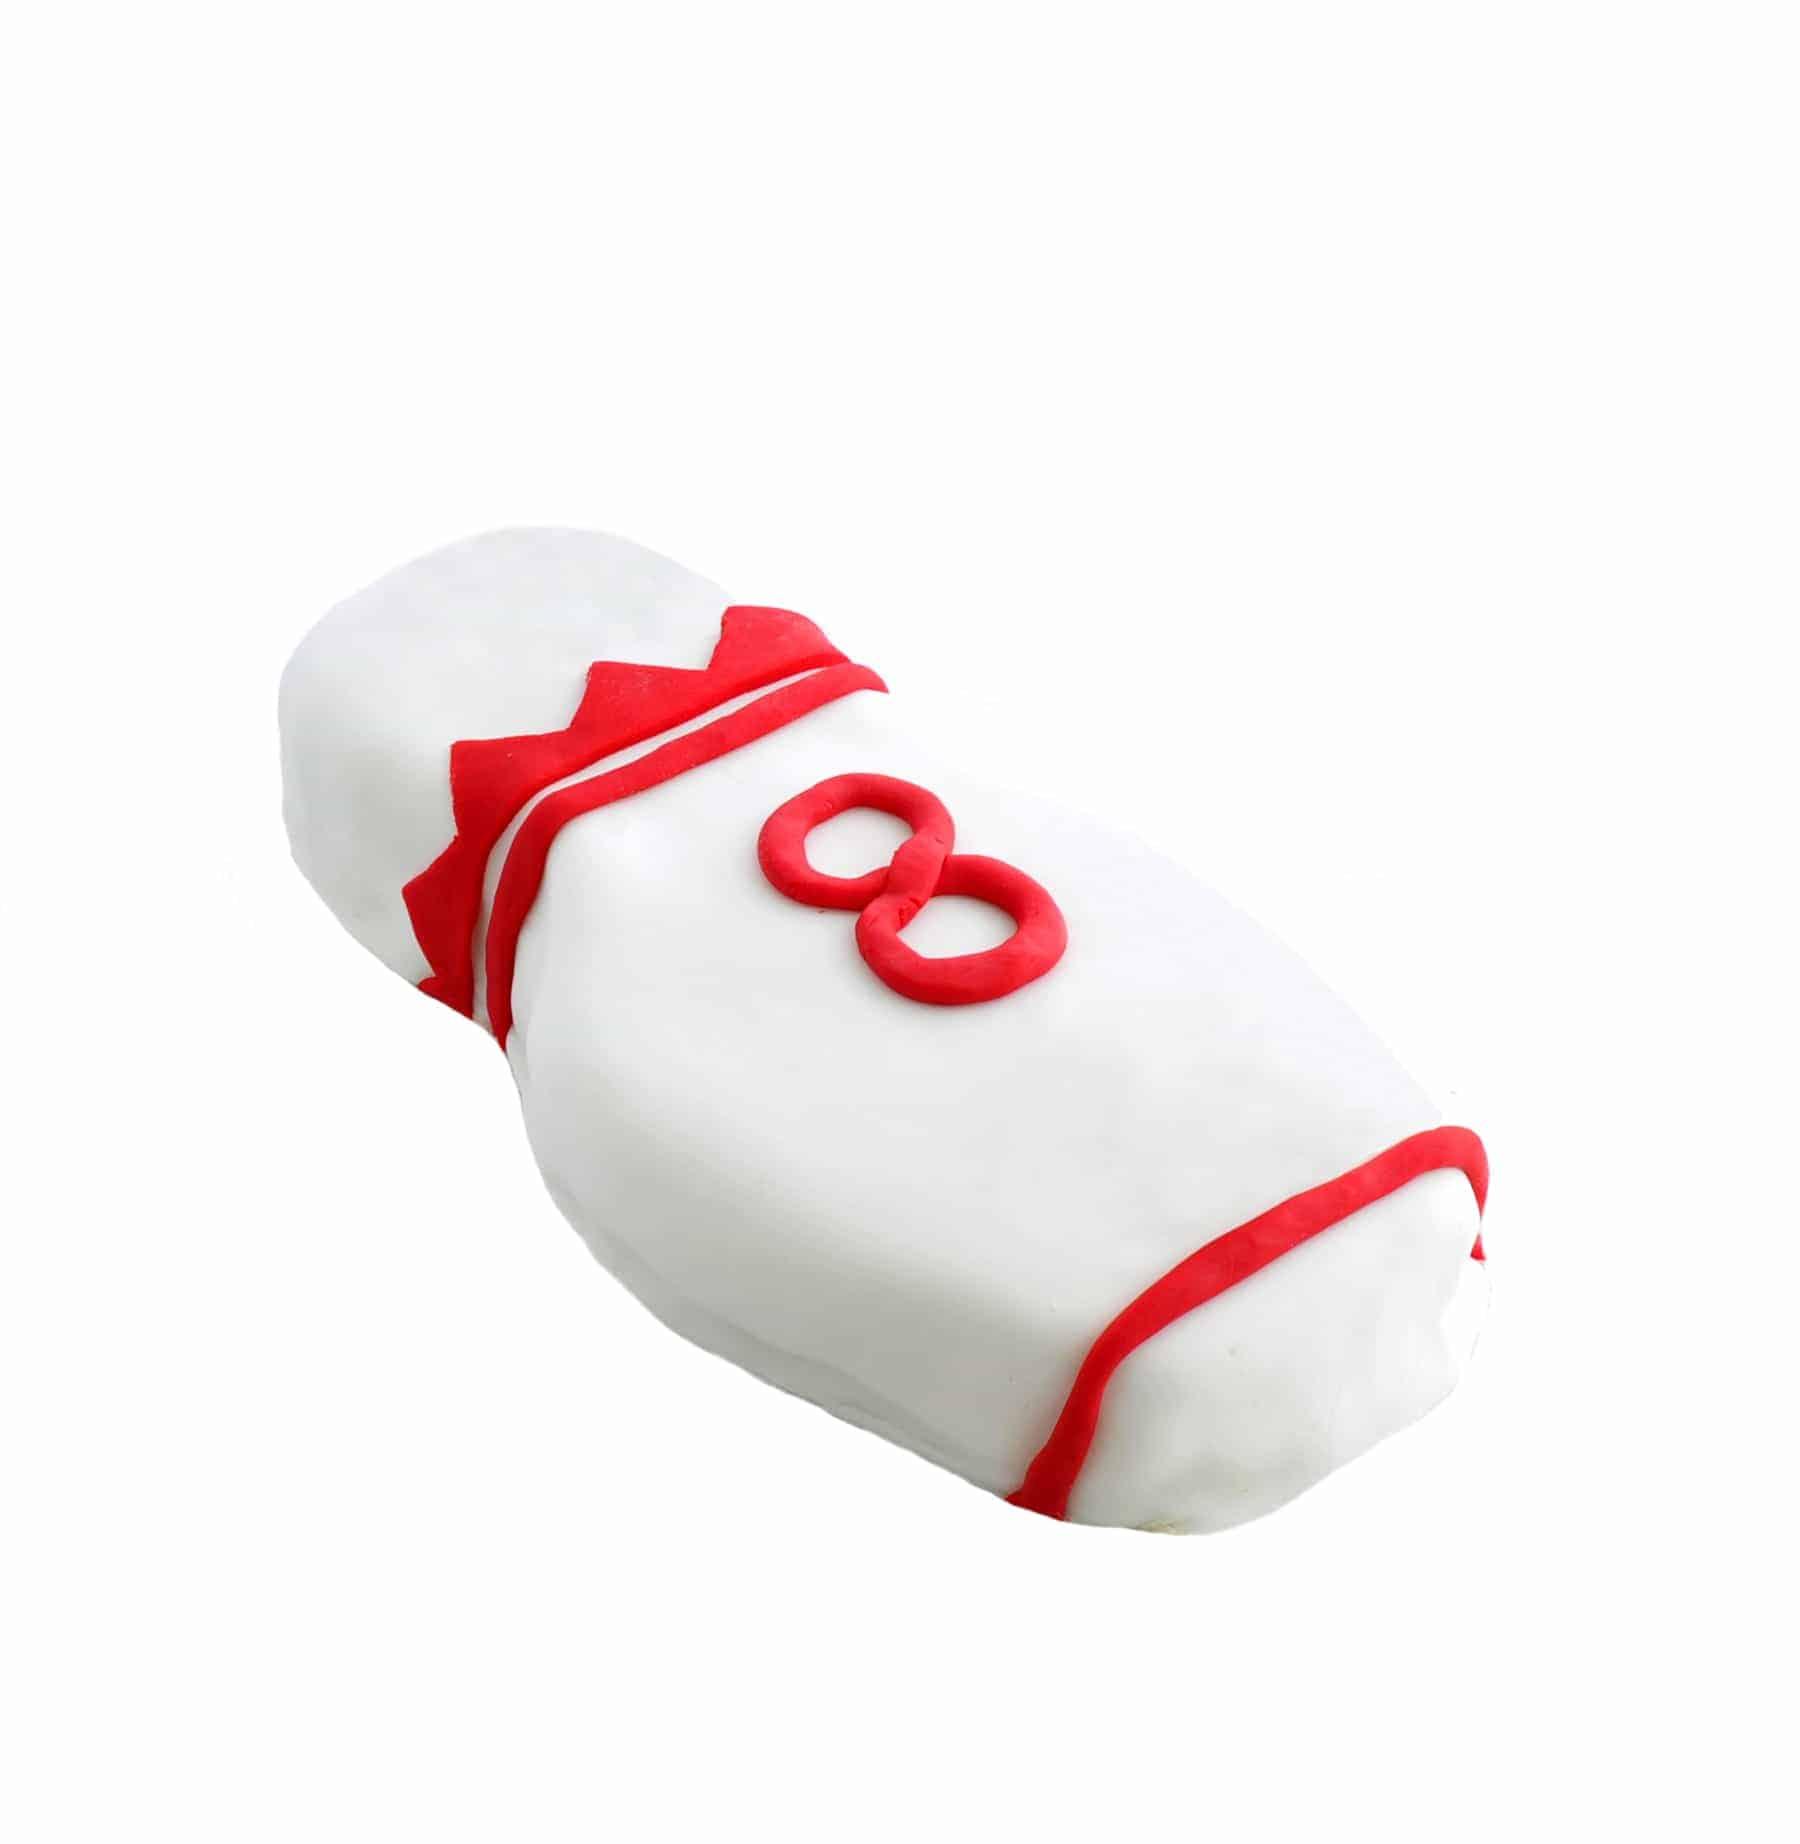 Bowling Cake Decorating Kit